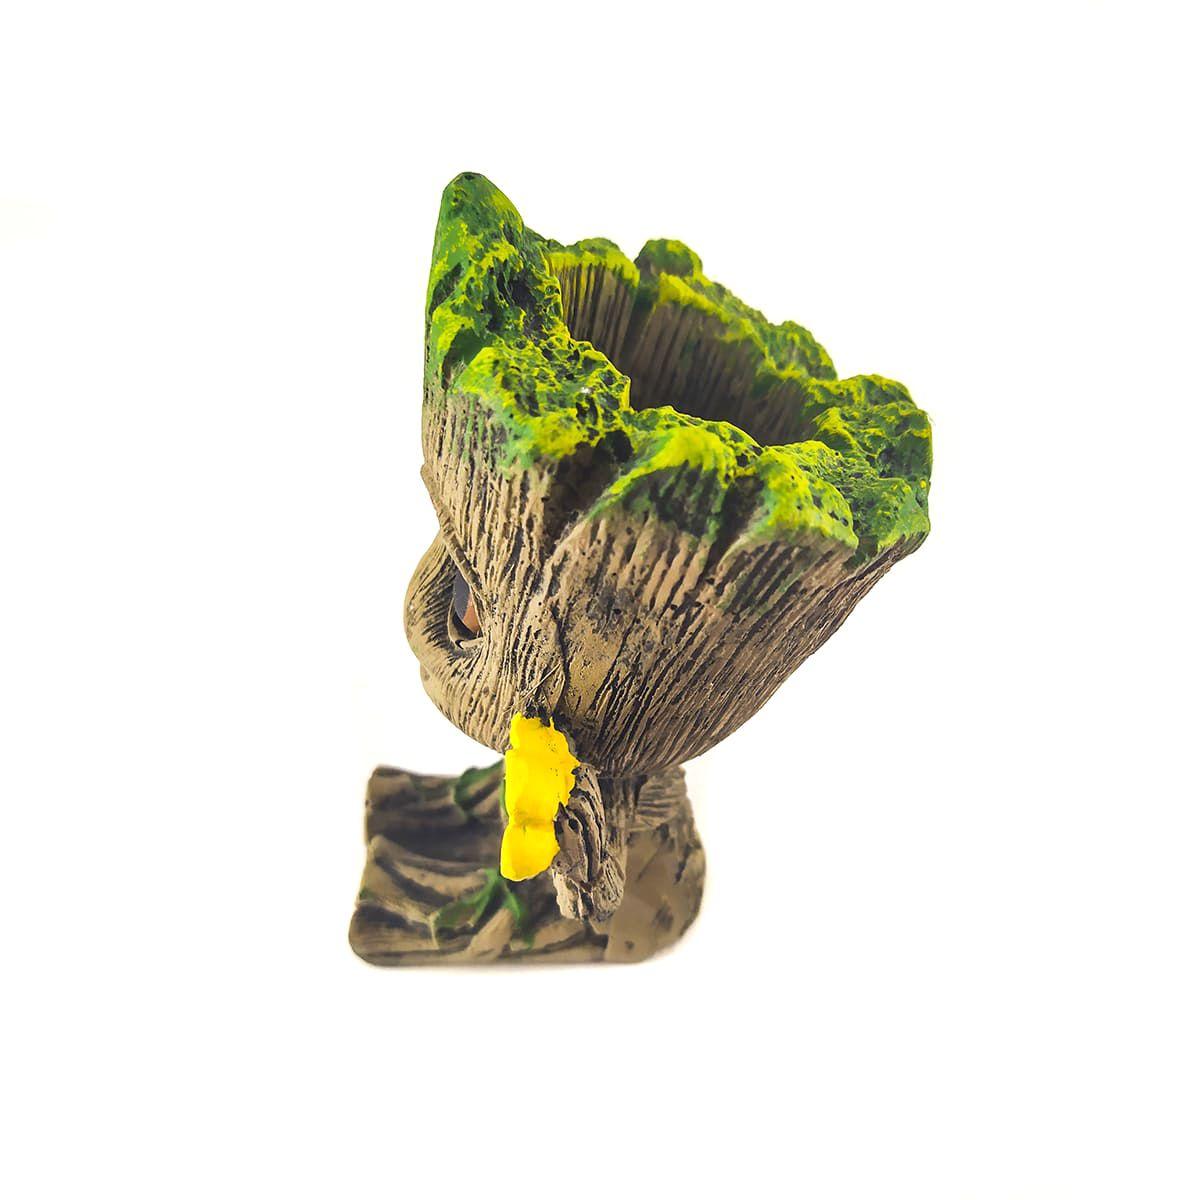 Enfeite de Resina Baby Groot Flor Suculenta/Aquários Fragata